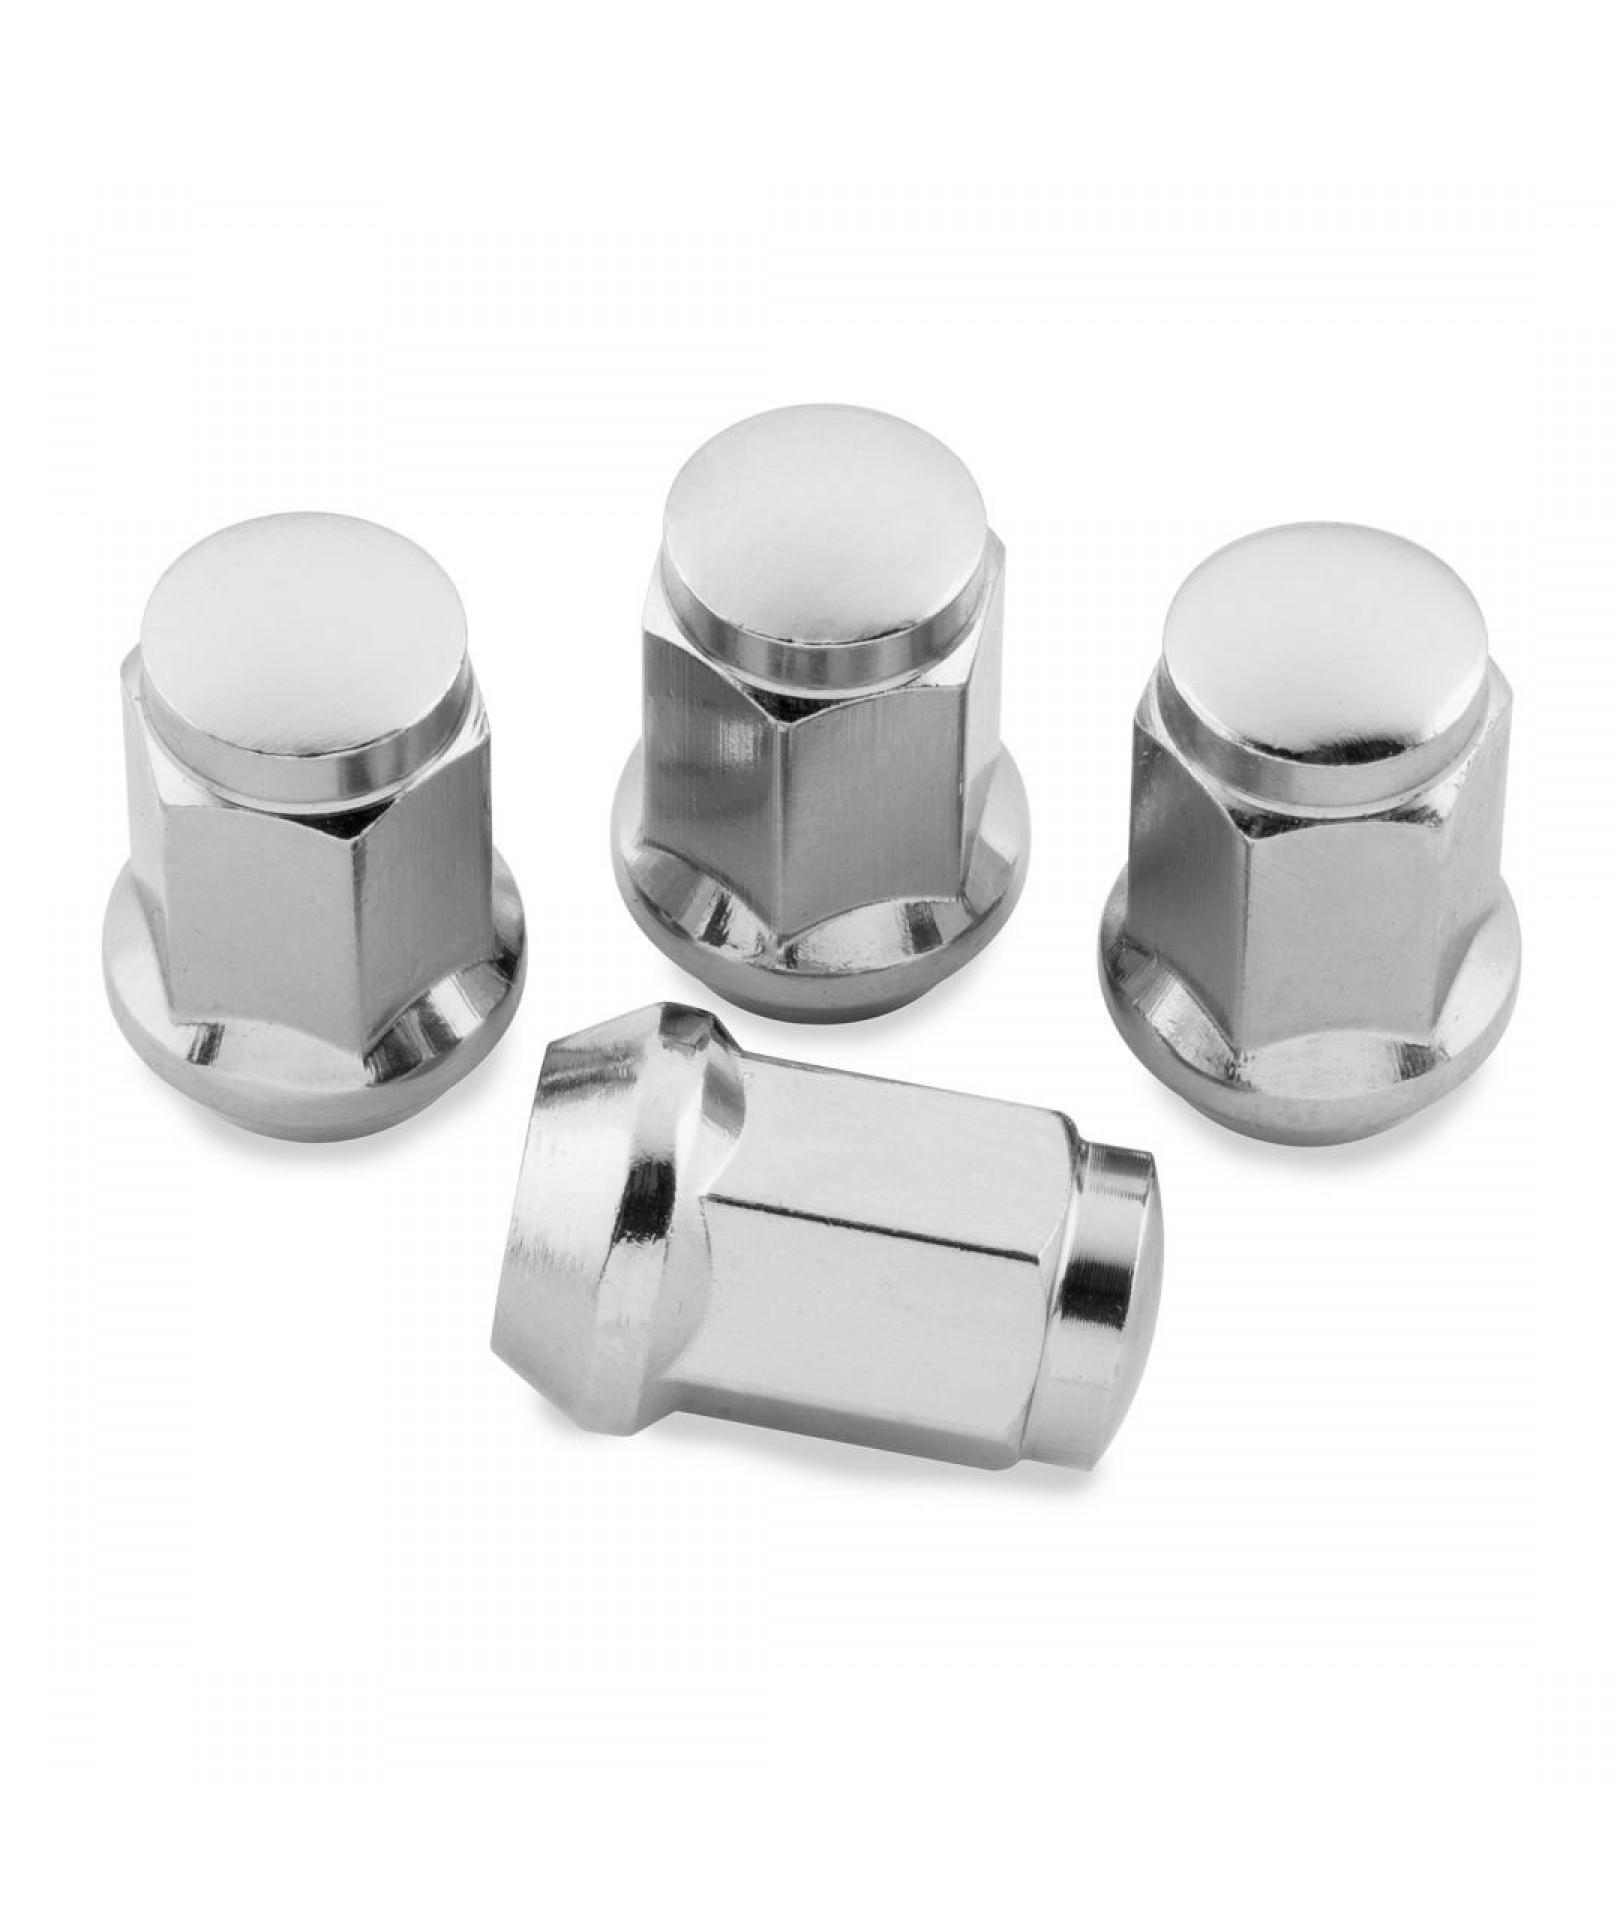 QuadBoss ATV UTV Tapered Lug Nuts 10X1.25 14MM 4 Total Lug Nuts